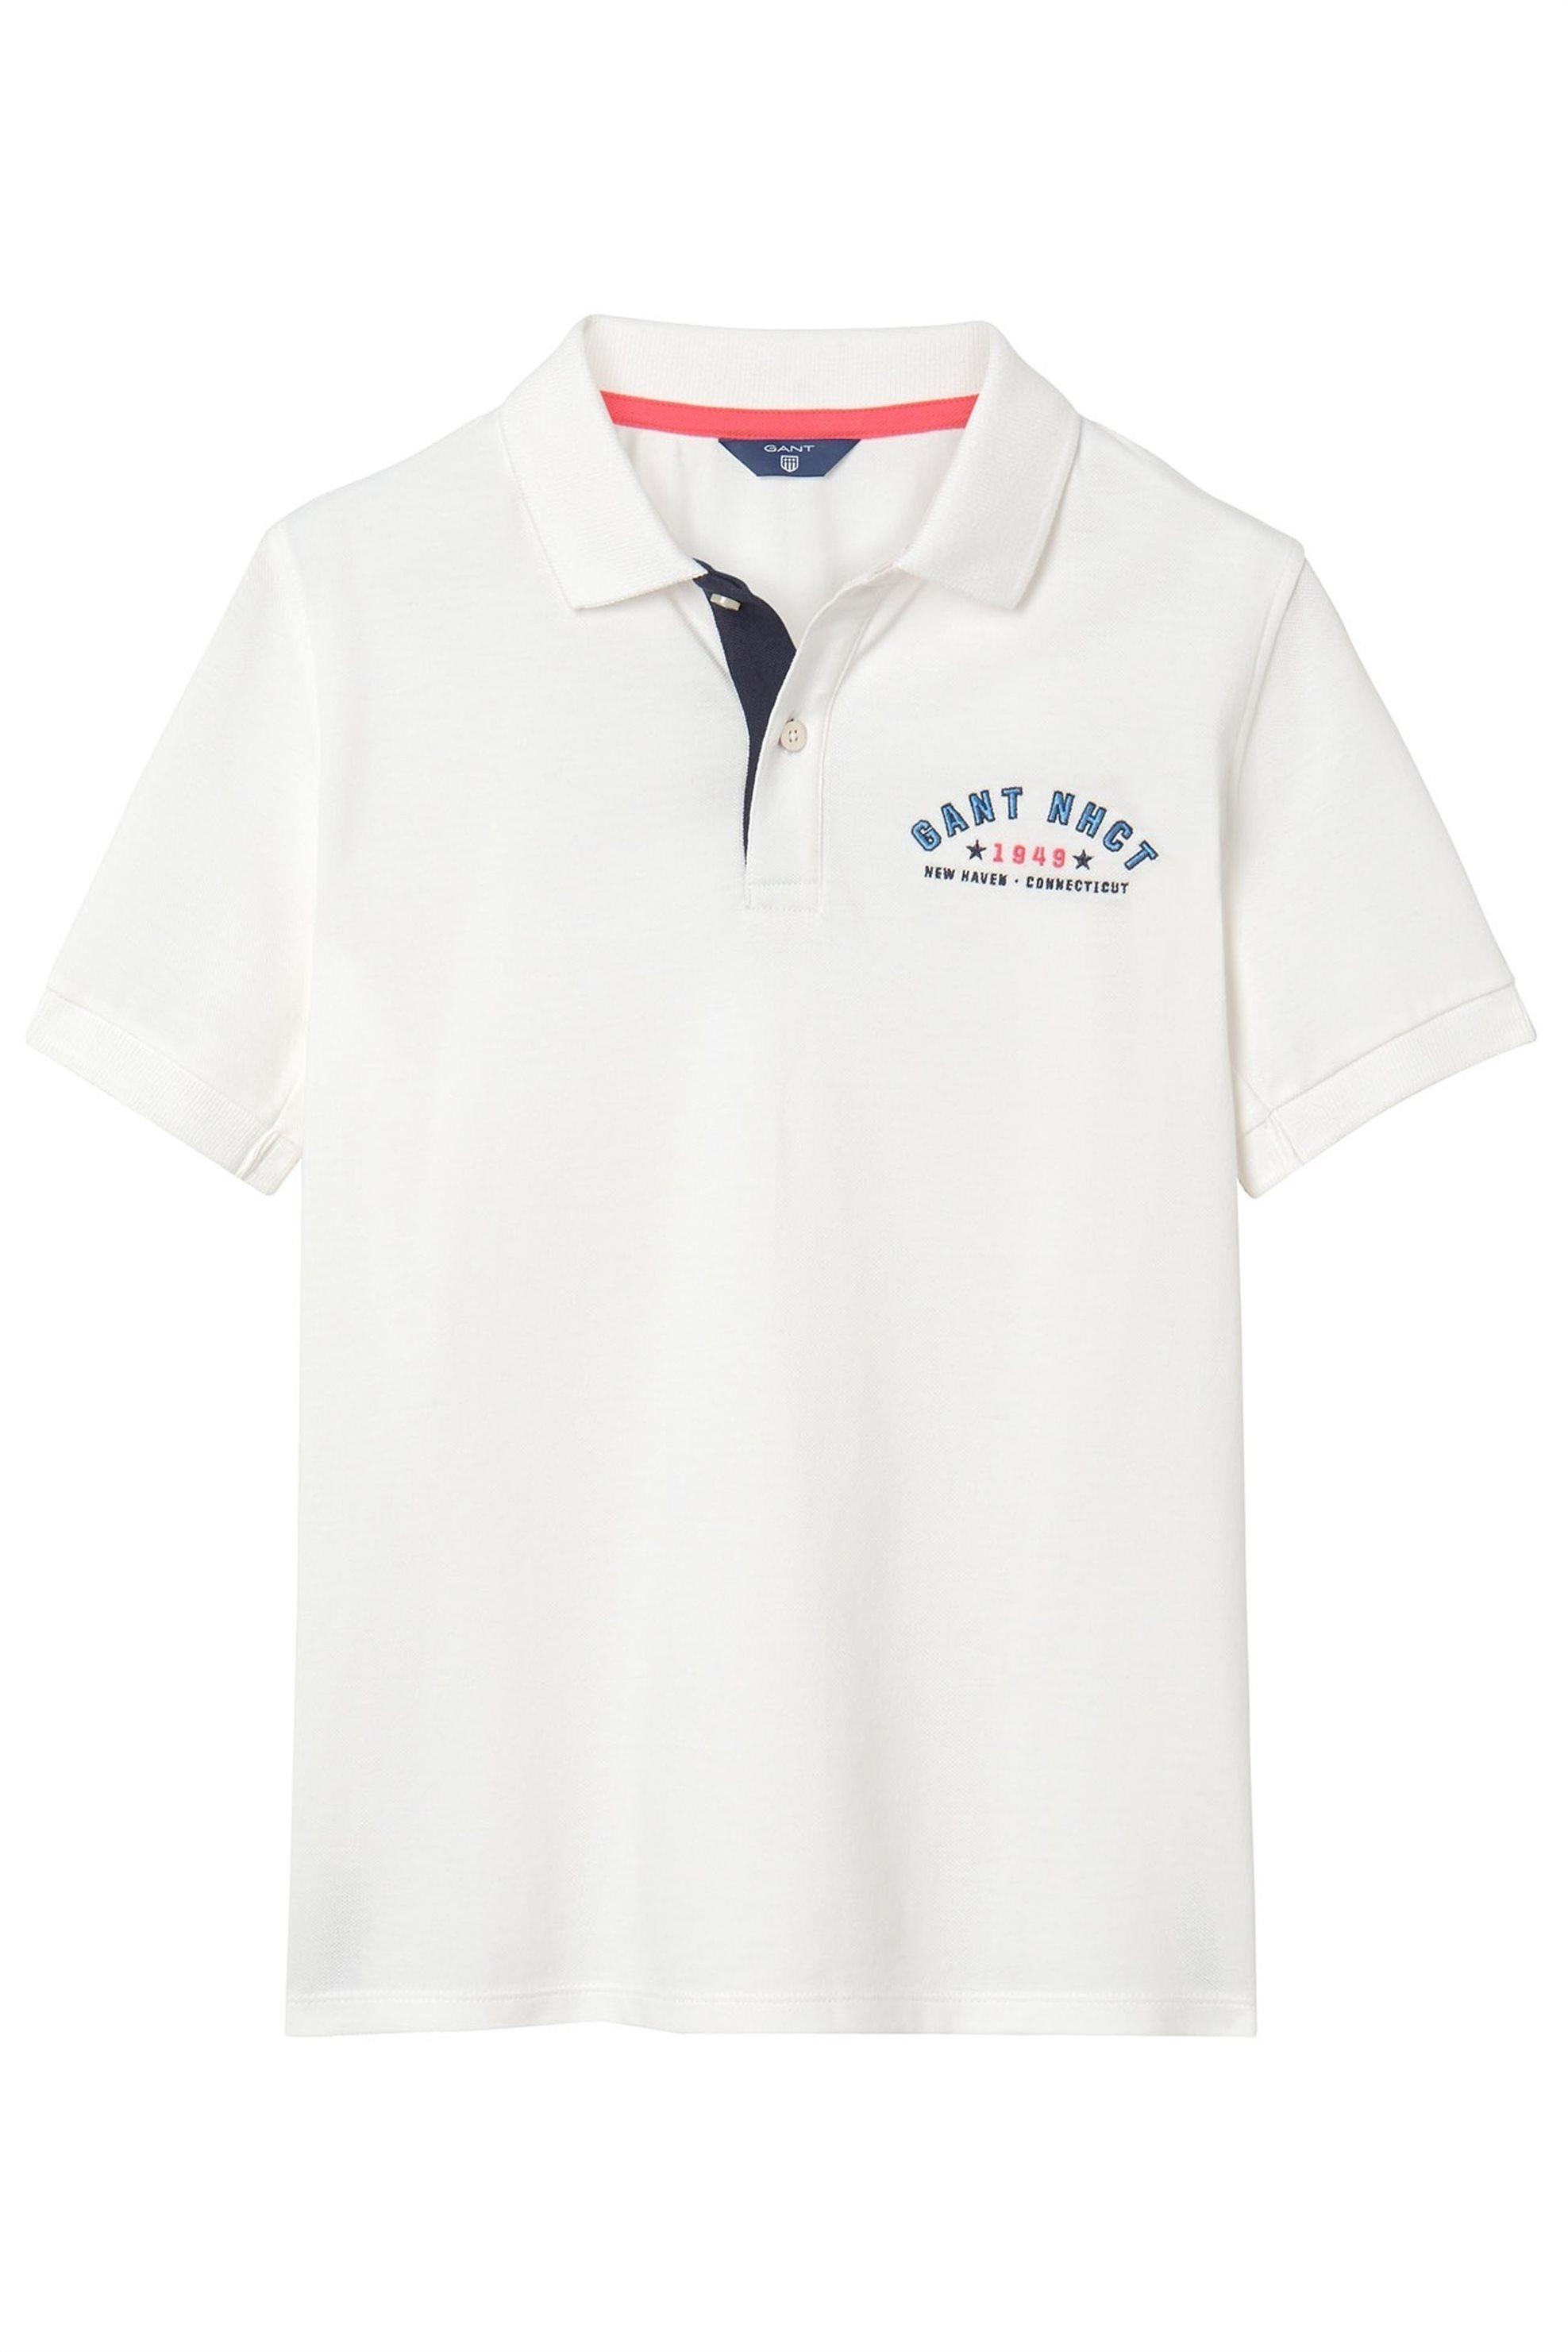 1aec1d93d8e2 Update   Ανδρική polo μπλούζα με κοντά μανίκια Adidas - S98750 ...